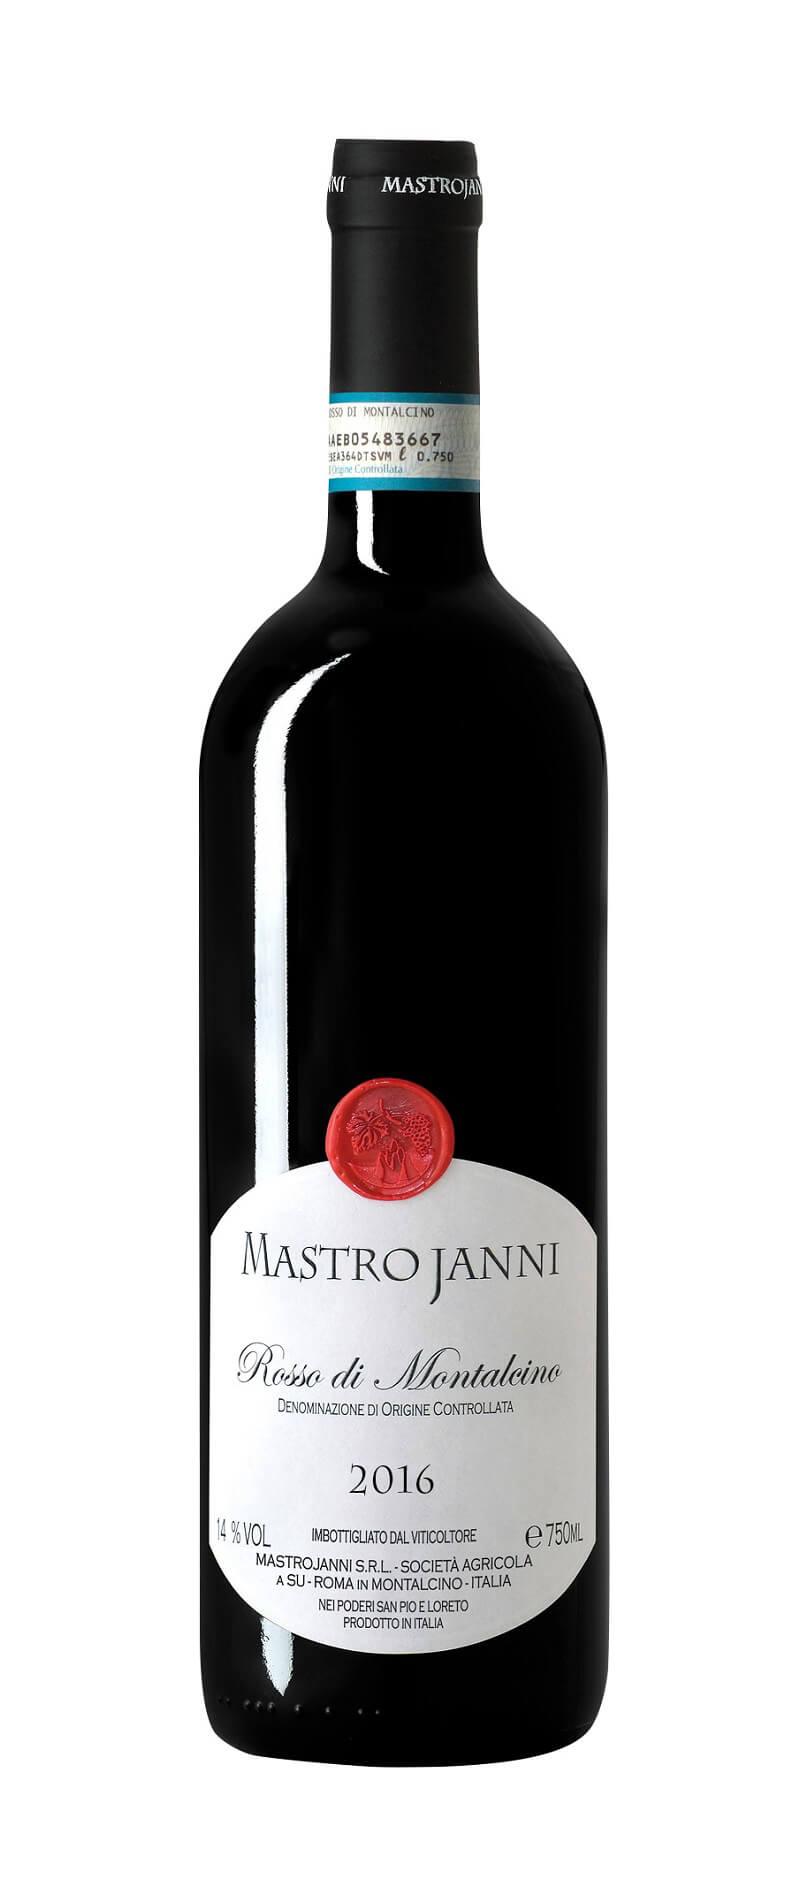 Mastrojanni Rosso di Montalcino